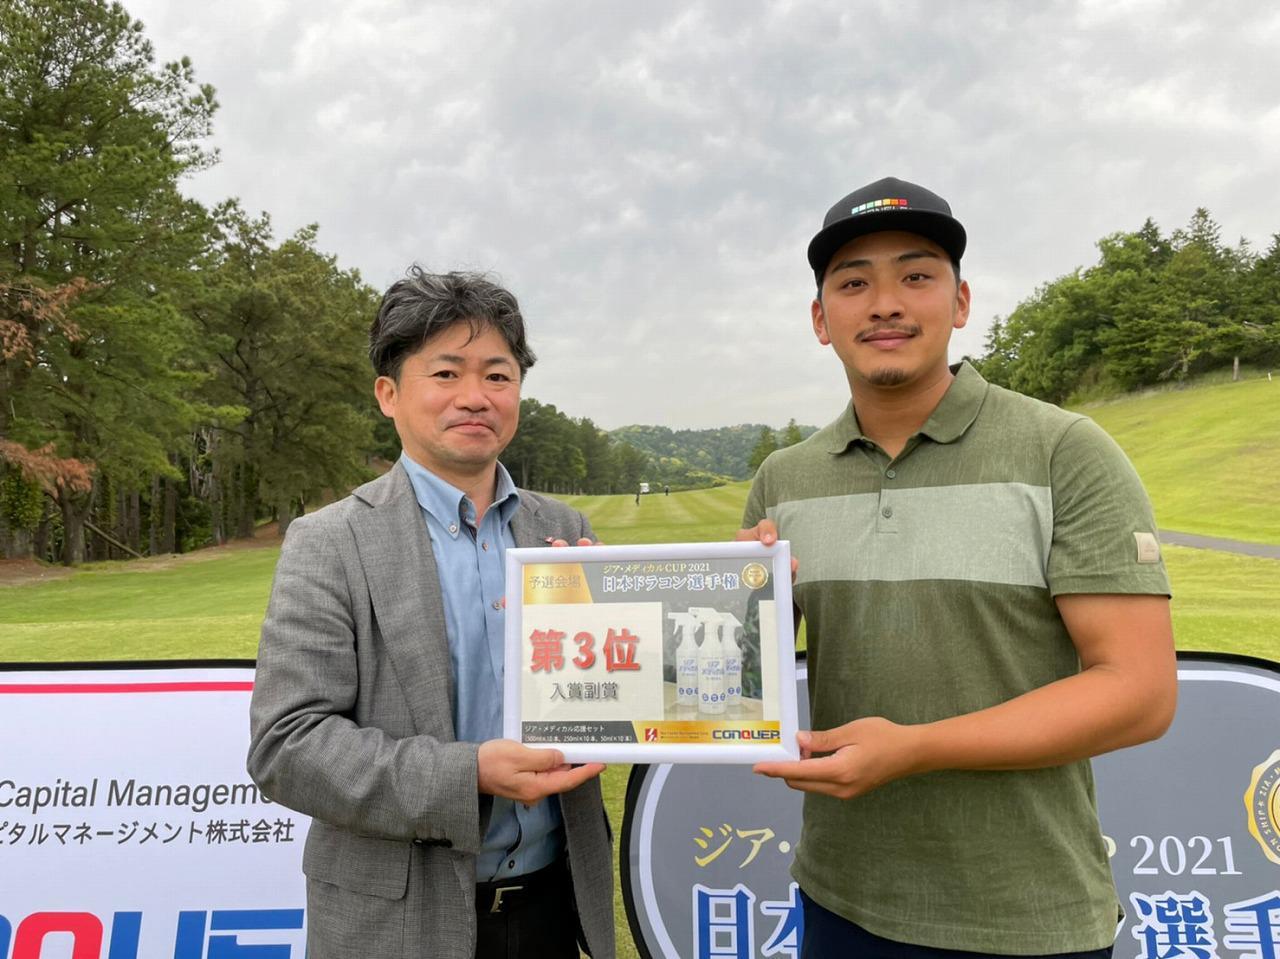 画像: 第9予選 オープンディビジョン 第3位 小井土 選手